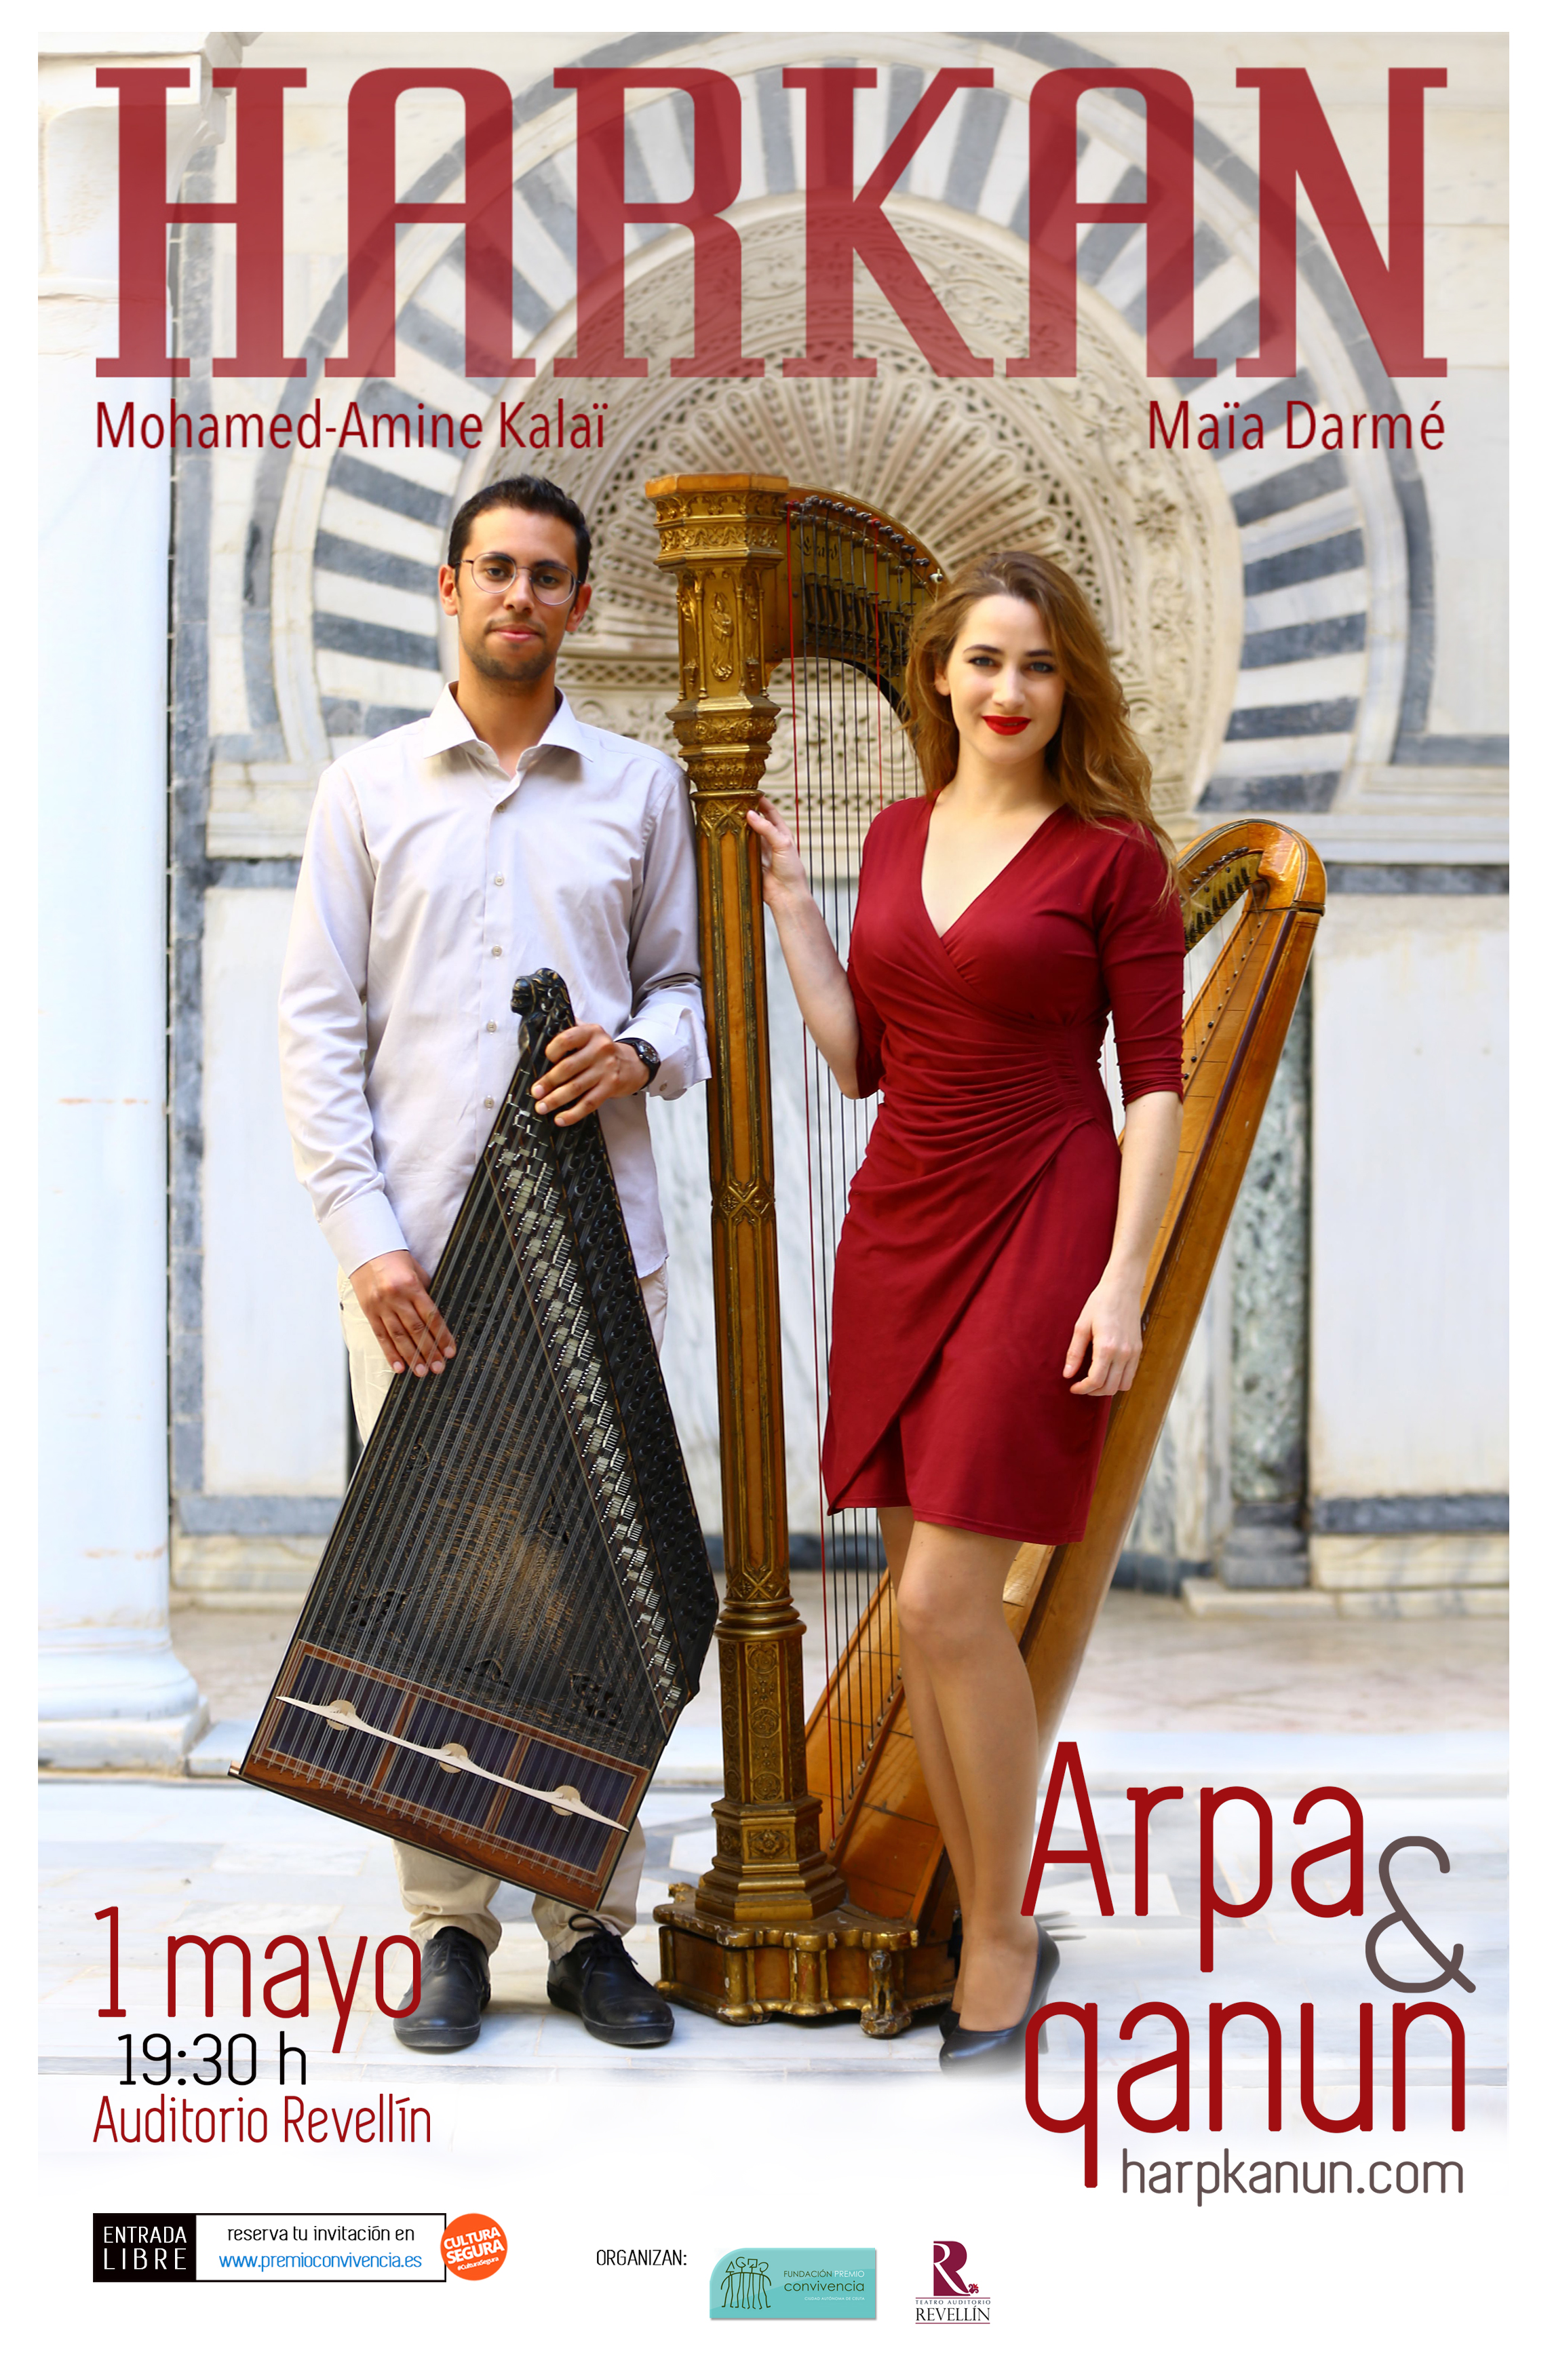 concierto-arpa-qanun-duo-harkan-revellin-1